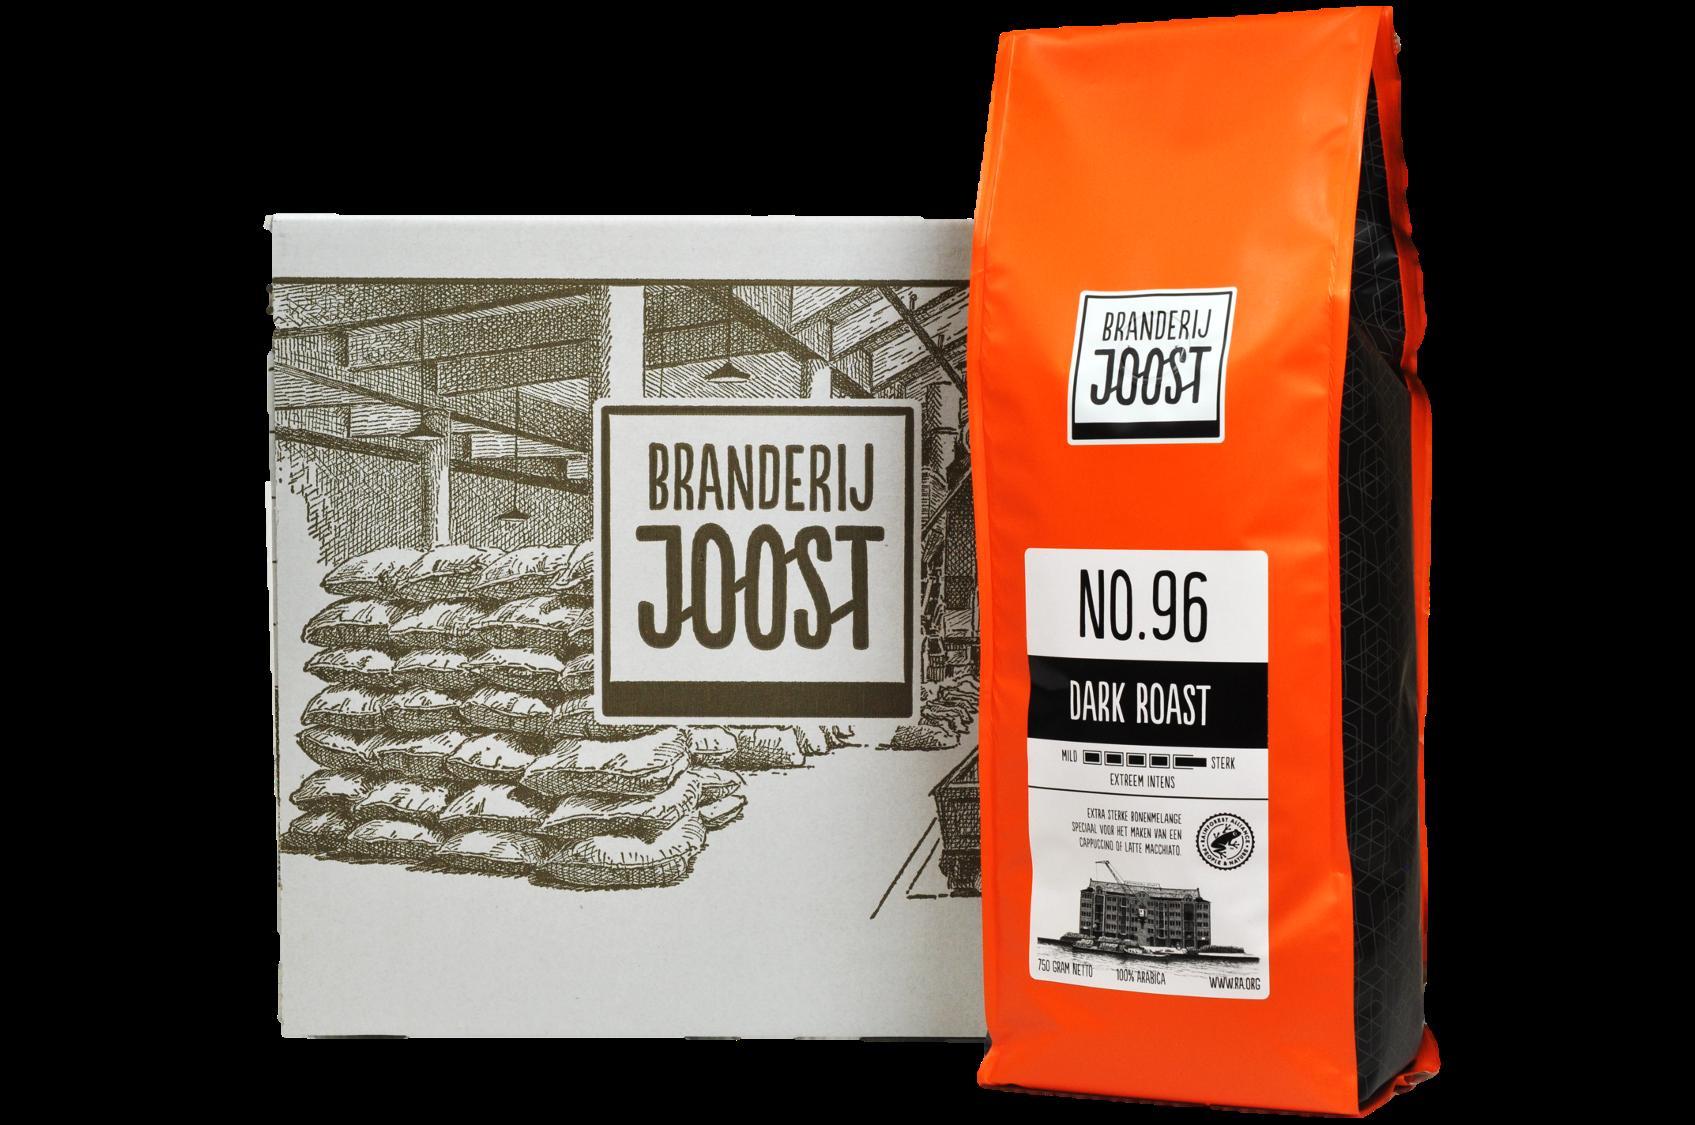 No.96 Dark roast 6 x 750g doos voordeelprijs